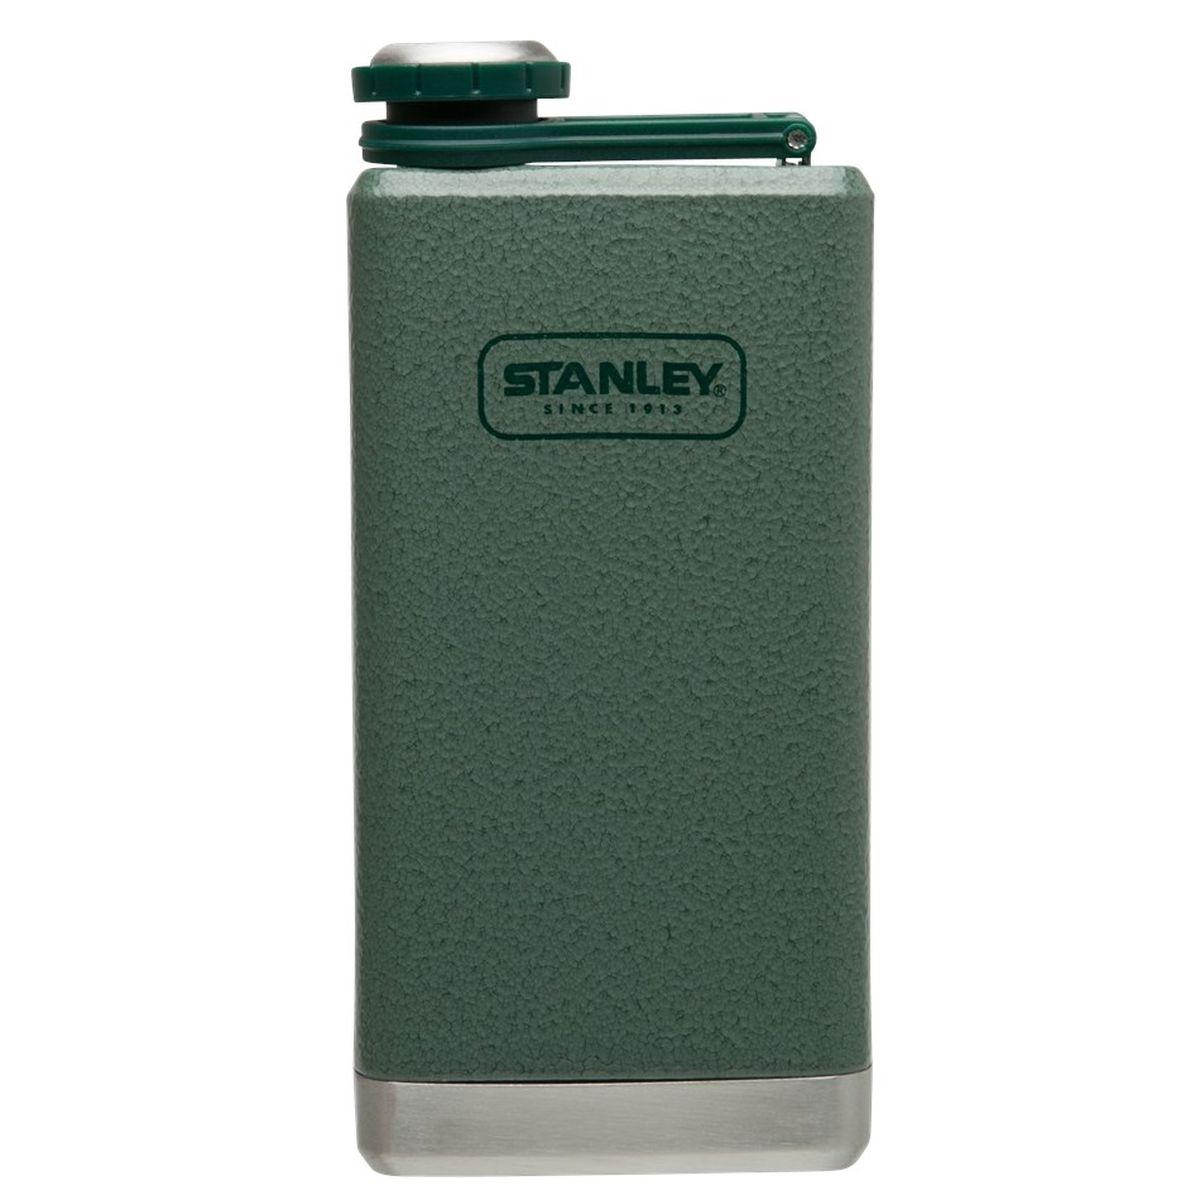 Фляга STANLEY Adventure, цвет: темно-зеленый, 0,23 лa026124Фляжка карманная. Объем - 0,23 л. Корпус из нержавеющей стали.Наружное покрытие - абразивостойкая эмаль. Цвет - темно-зеленый. Фляжка герметична. Гарантия - пожизненная.